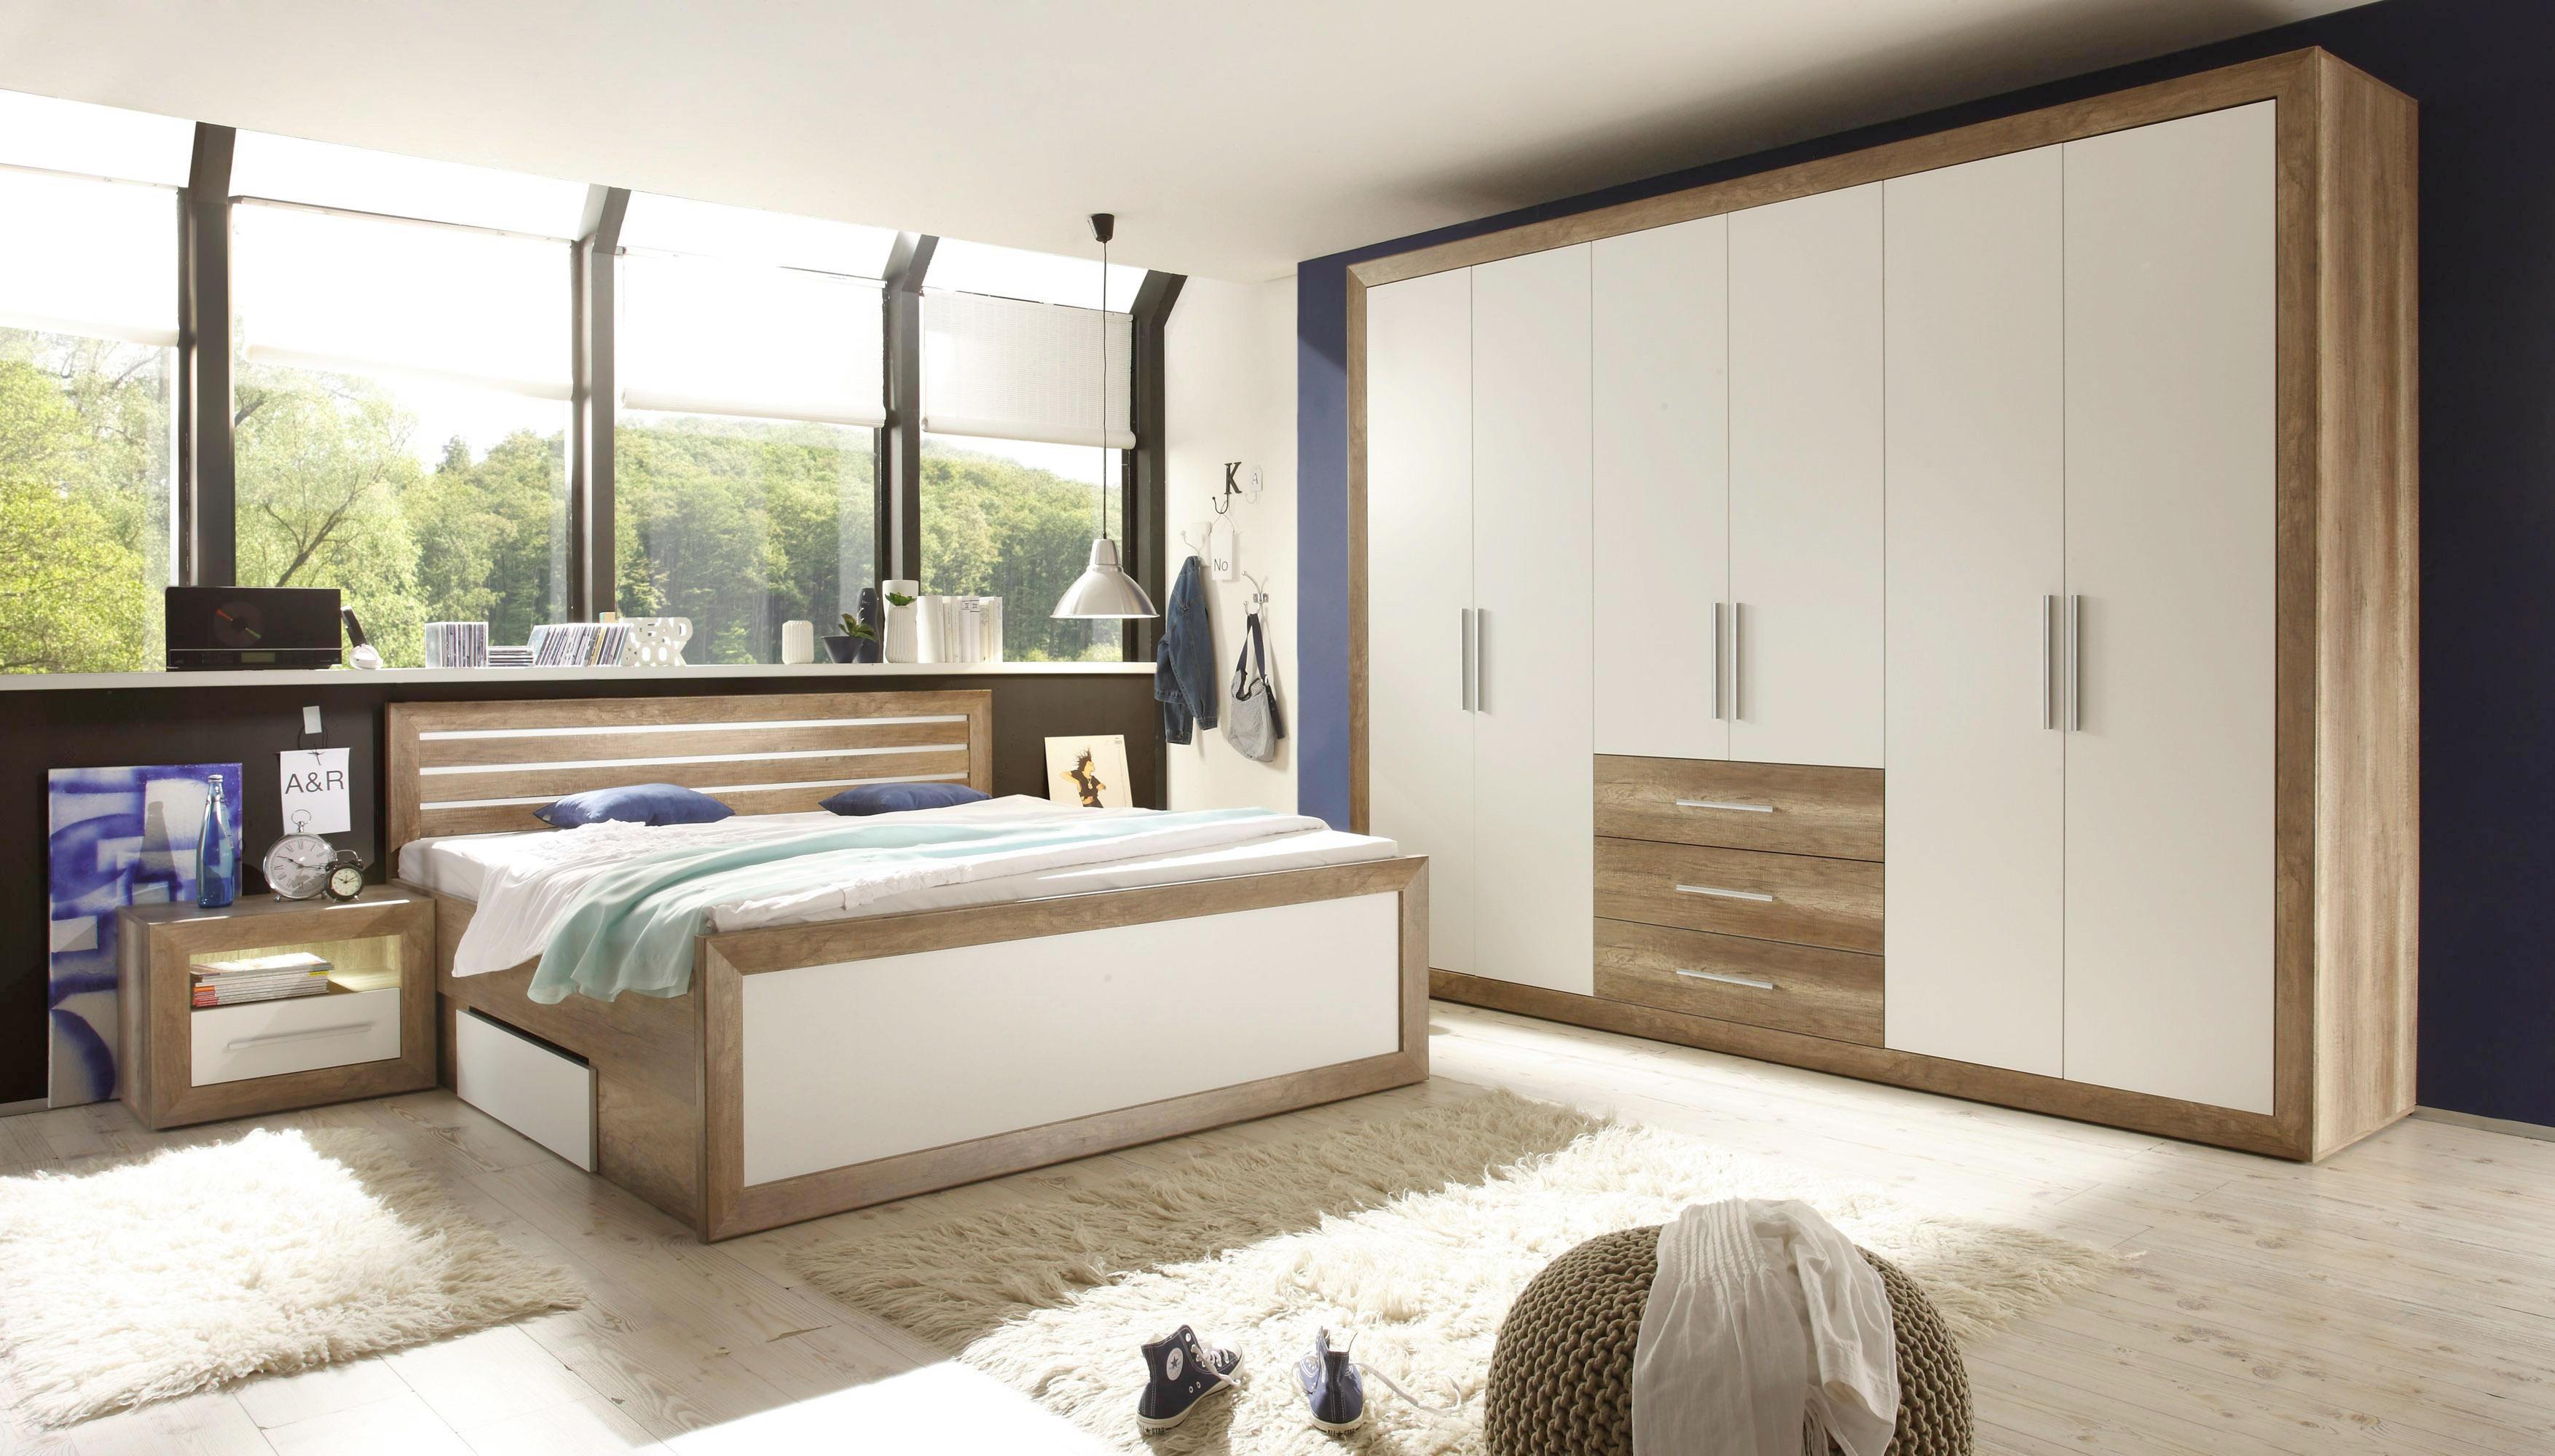 Schlafzimmer Nussbaum Schwarz   Schlafzimmer Komplett Nussbaum Schwarz Lattenroste Deutschland Ebay